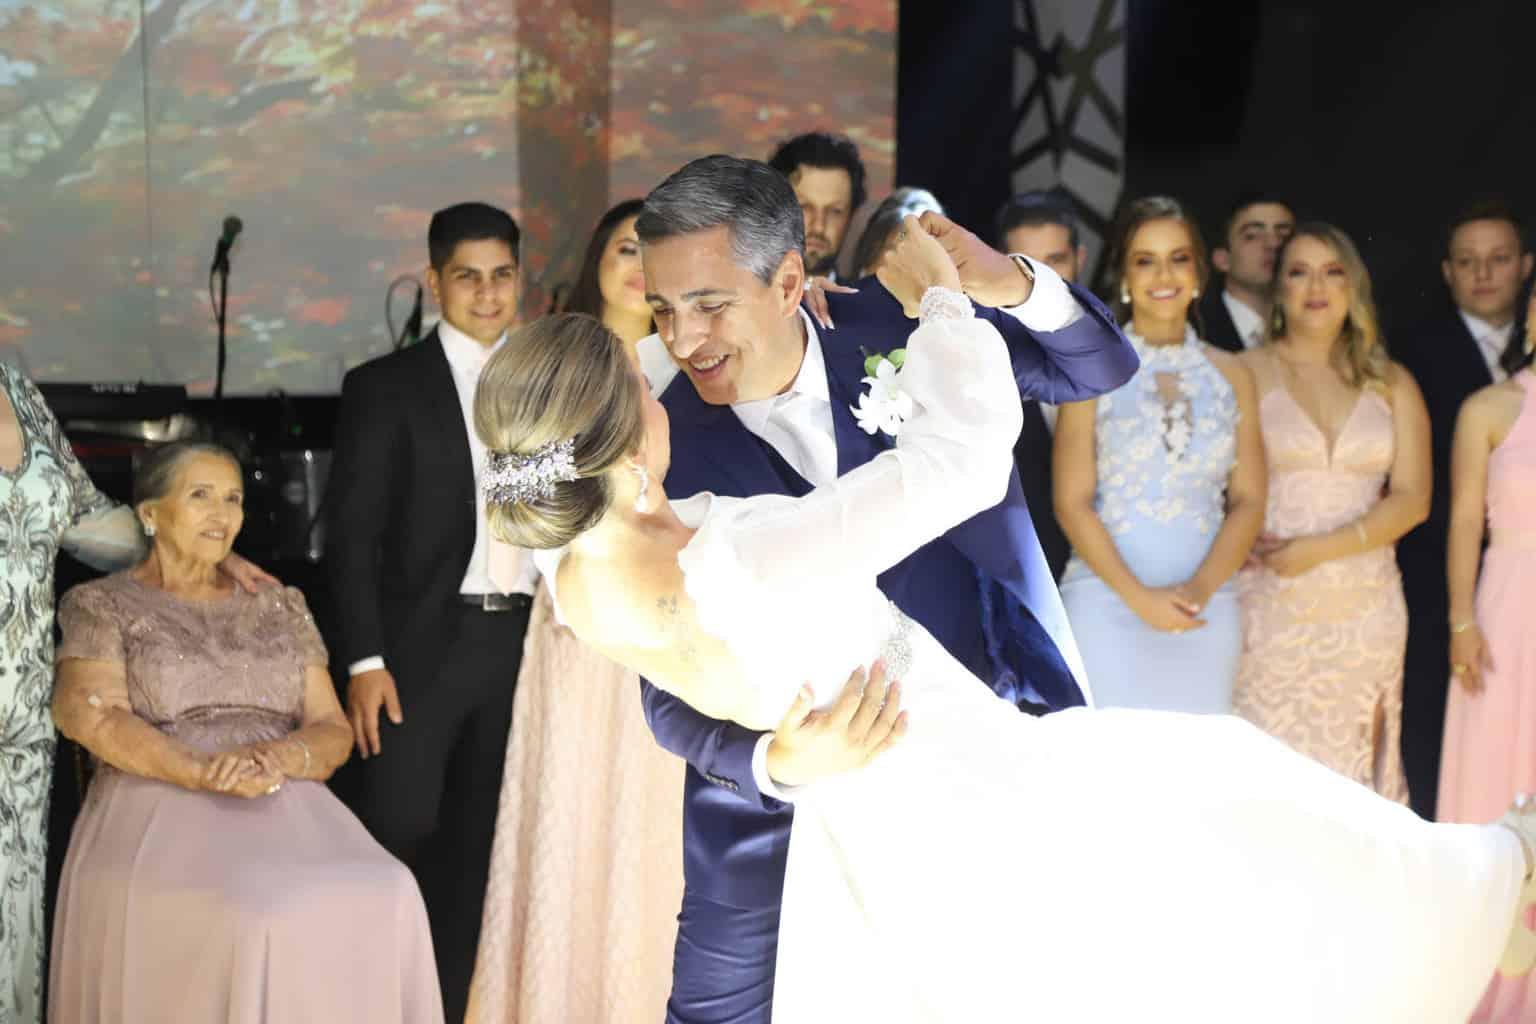 Casamento-Claudia-e-Afonso-Golden-Class-Regina-Aoki-Eurides-Aoki-Carol-Rezek-Renata-Velloso-44